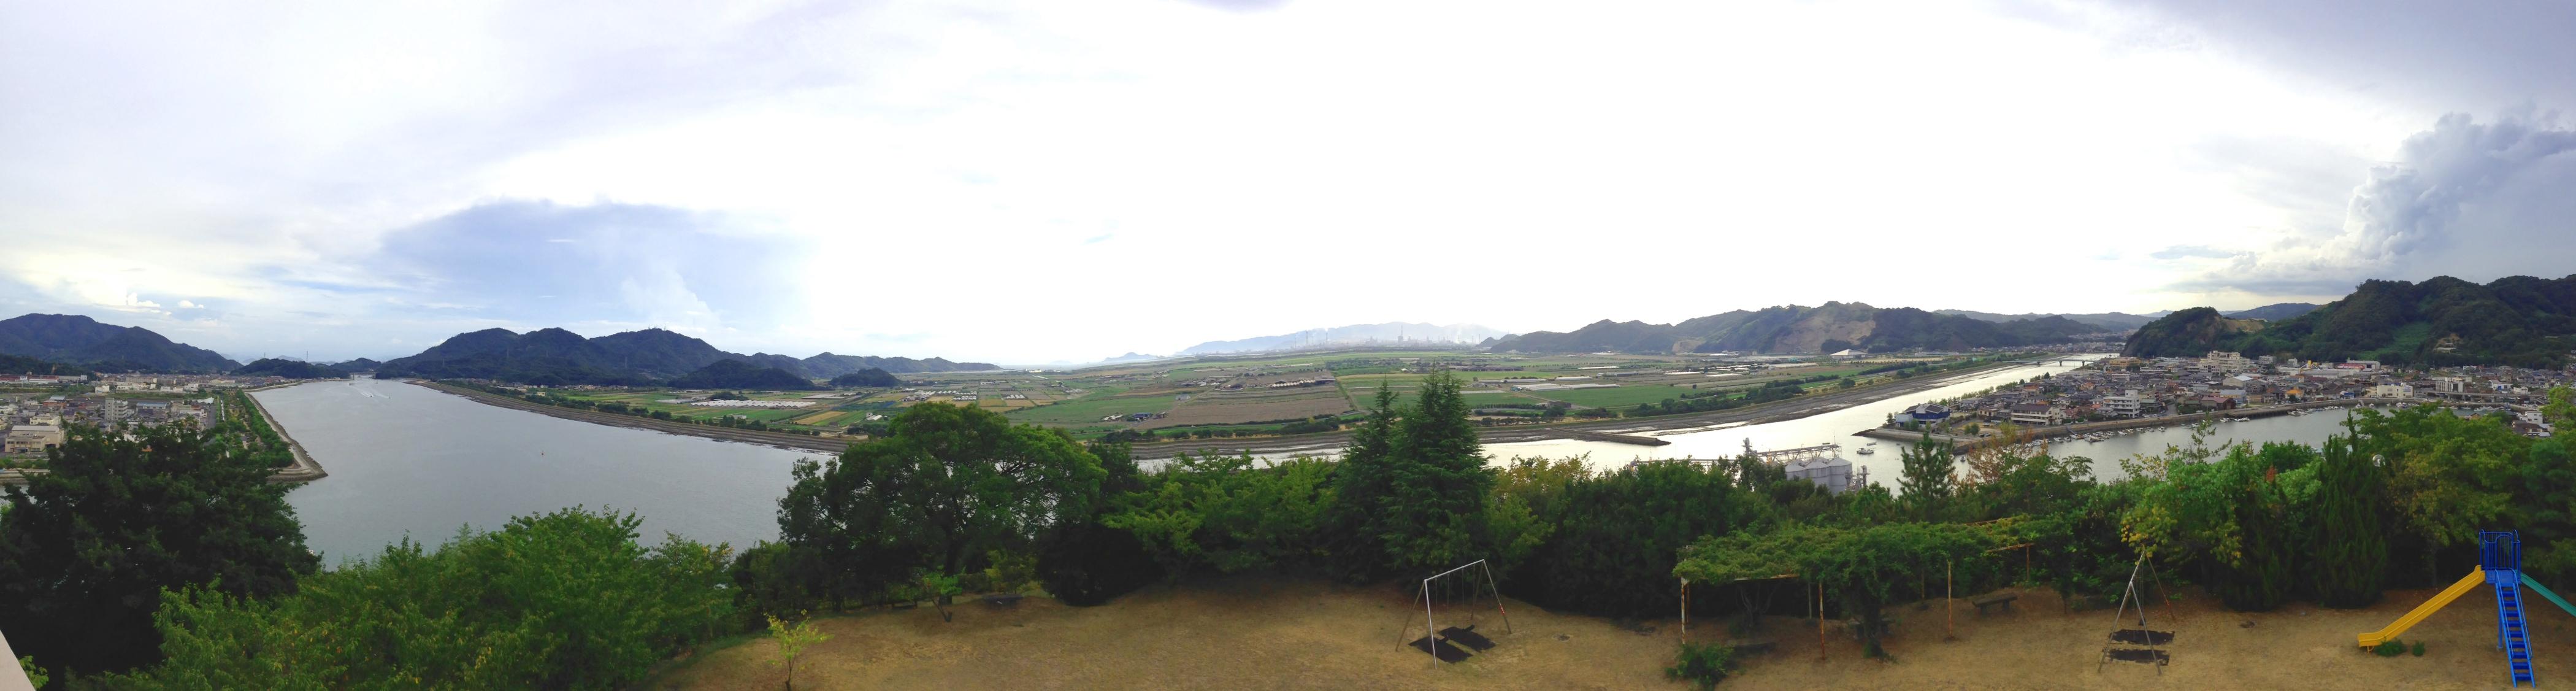 古城山展望台